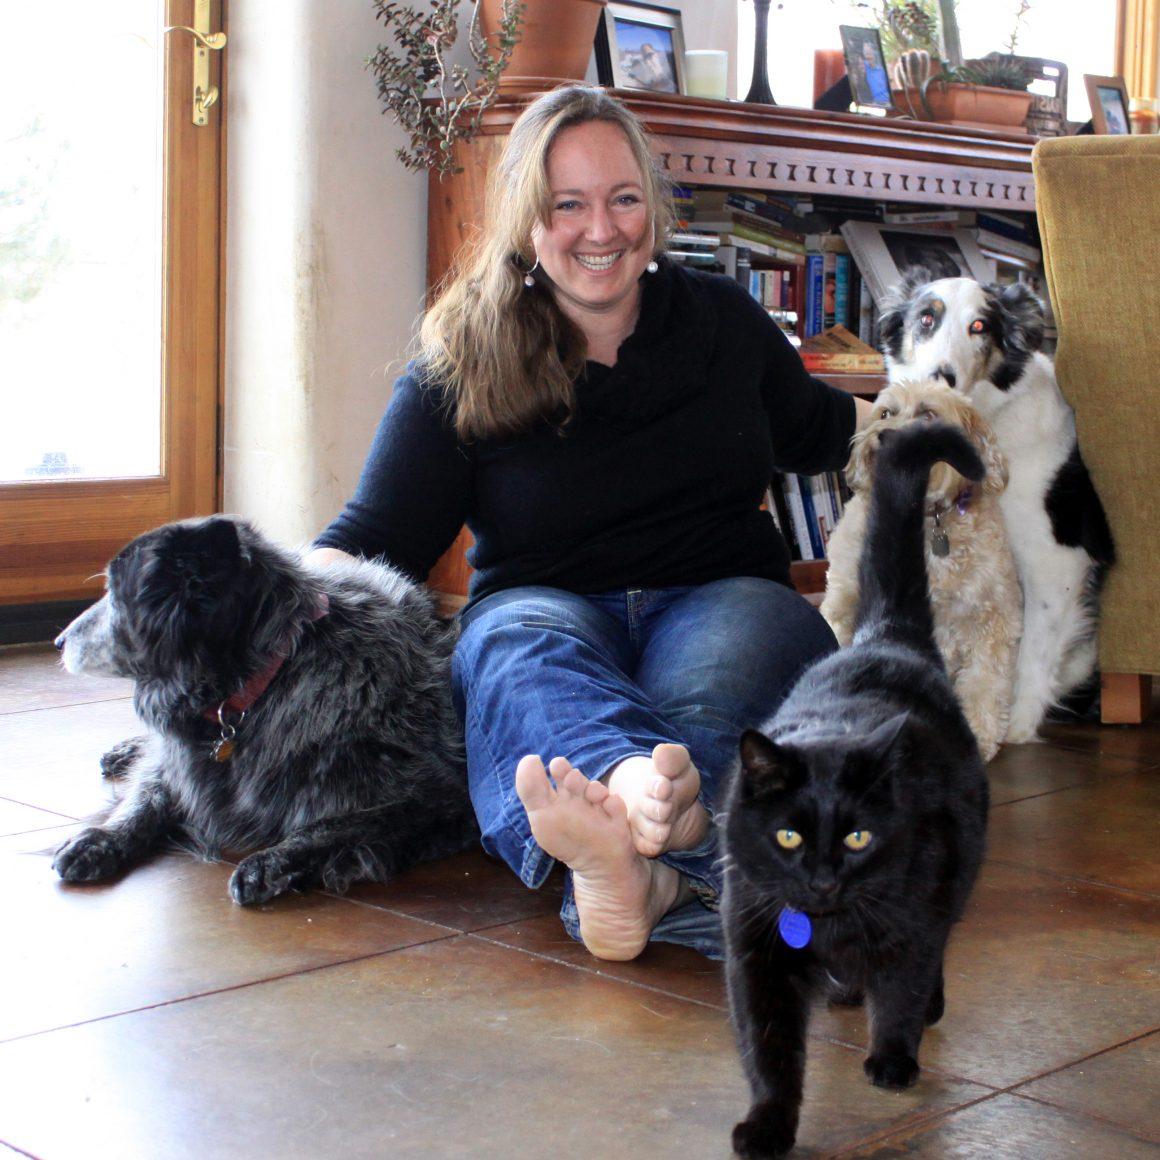 Brooke&Pets